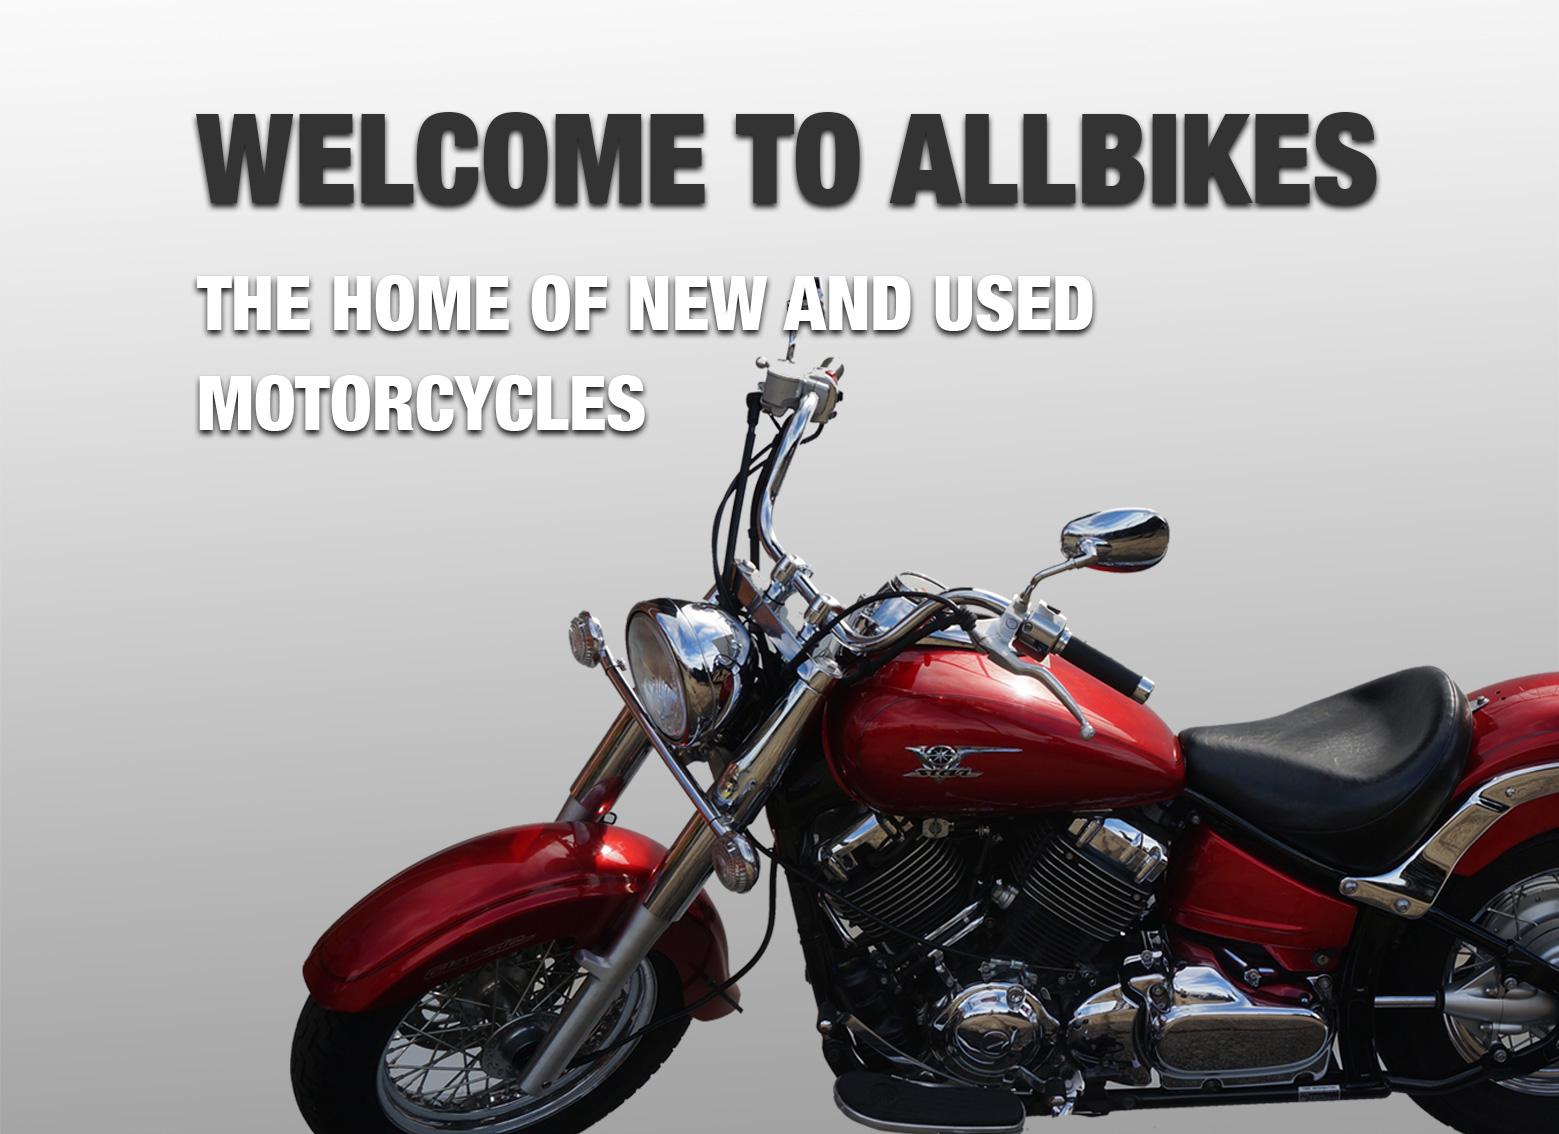 allbikes